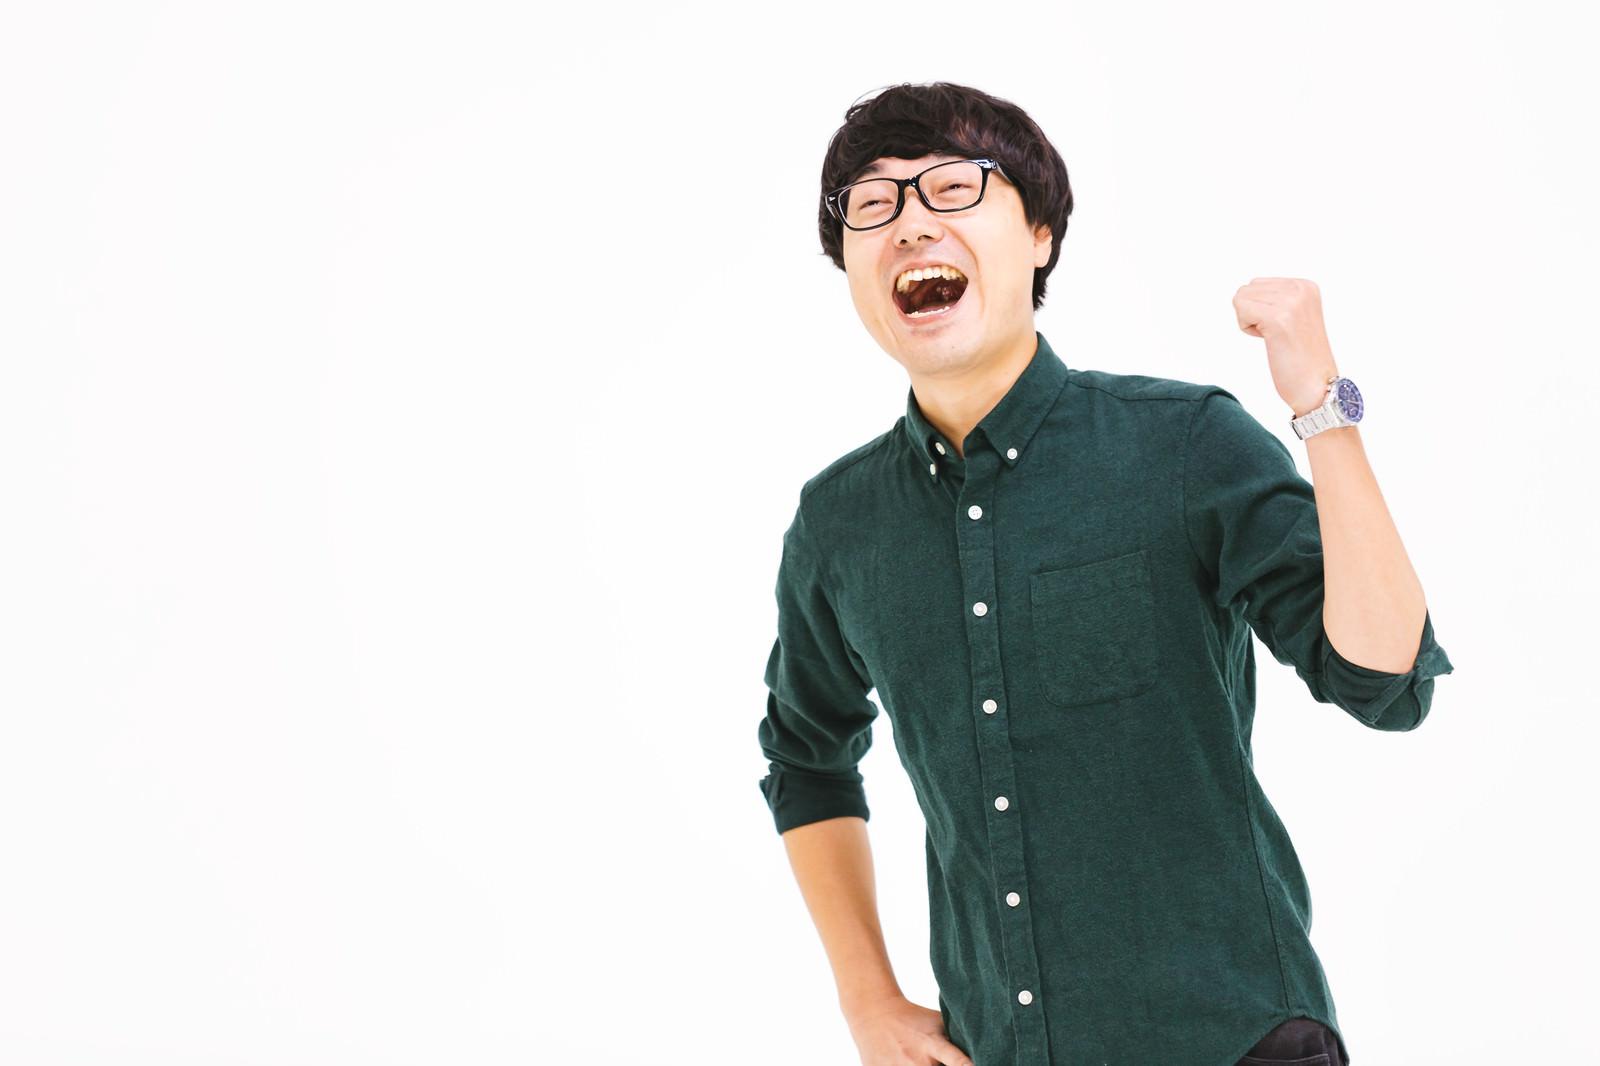 「ガッツポーズのメガネ男子ガッツポーズのメガネ男子」[モデル:真崎真幸]のフリー写真素材を拡大